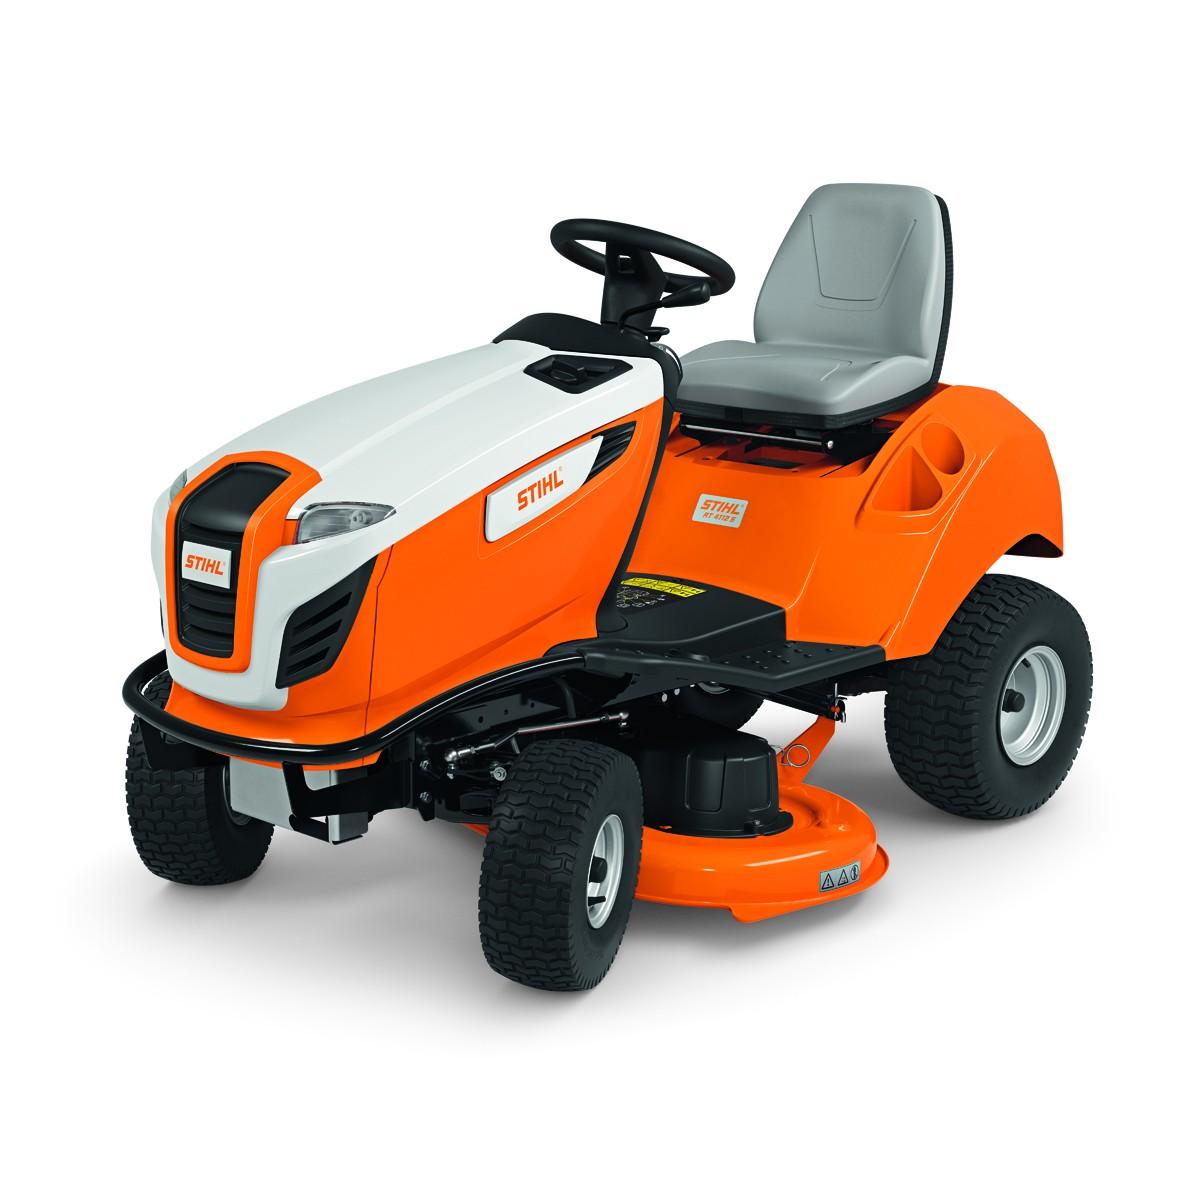 Vejos pjovimo traktorius STIHL RT 4112 S